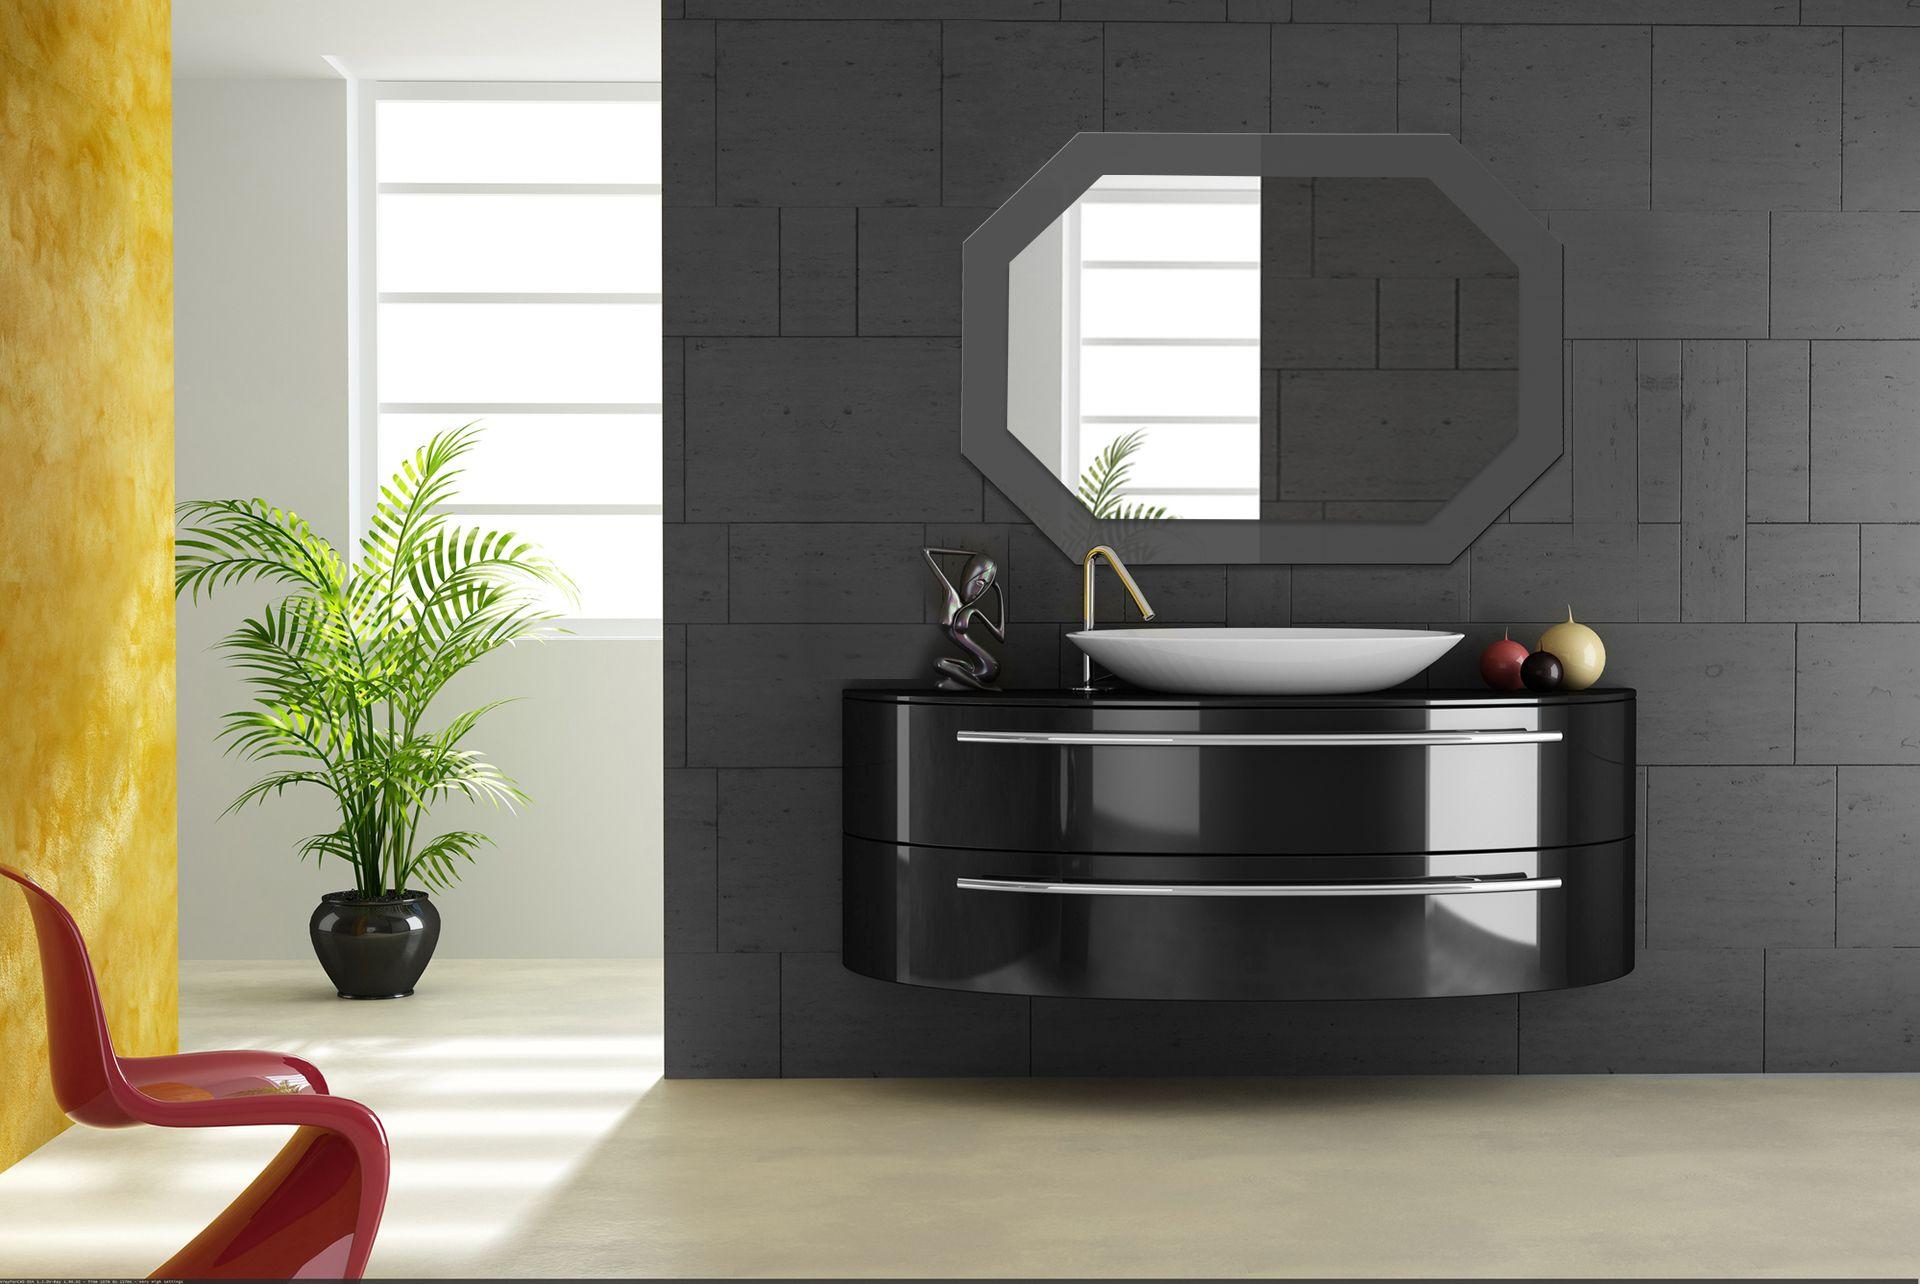 Graphite gray octahedron wall mirror for bathroom